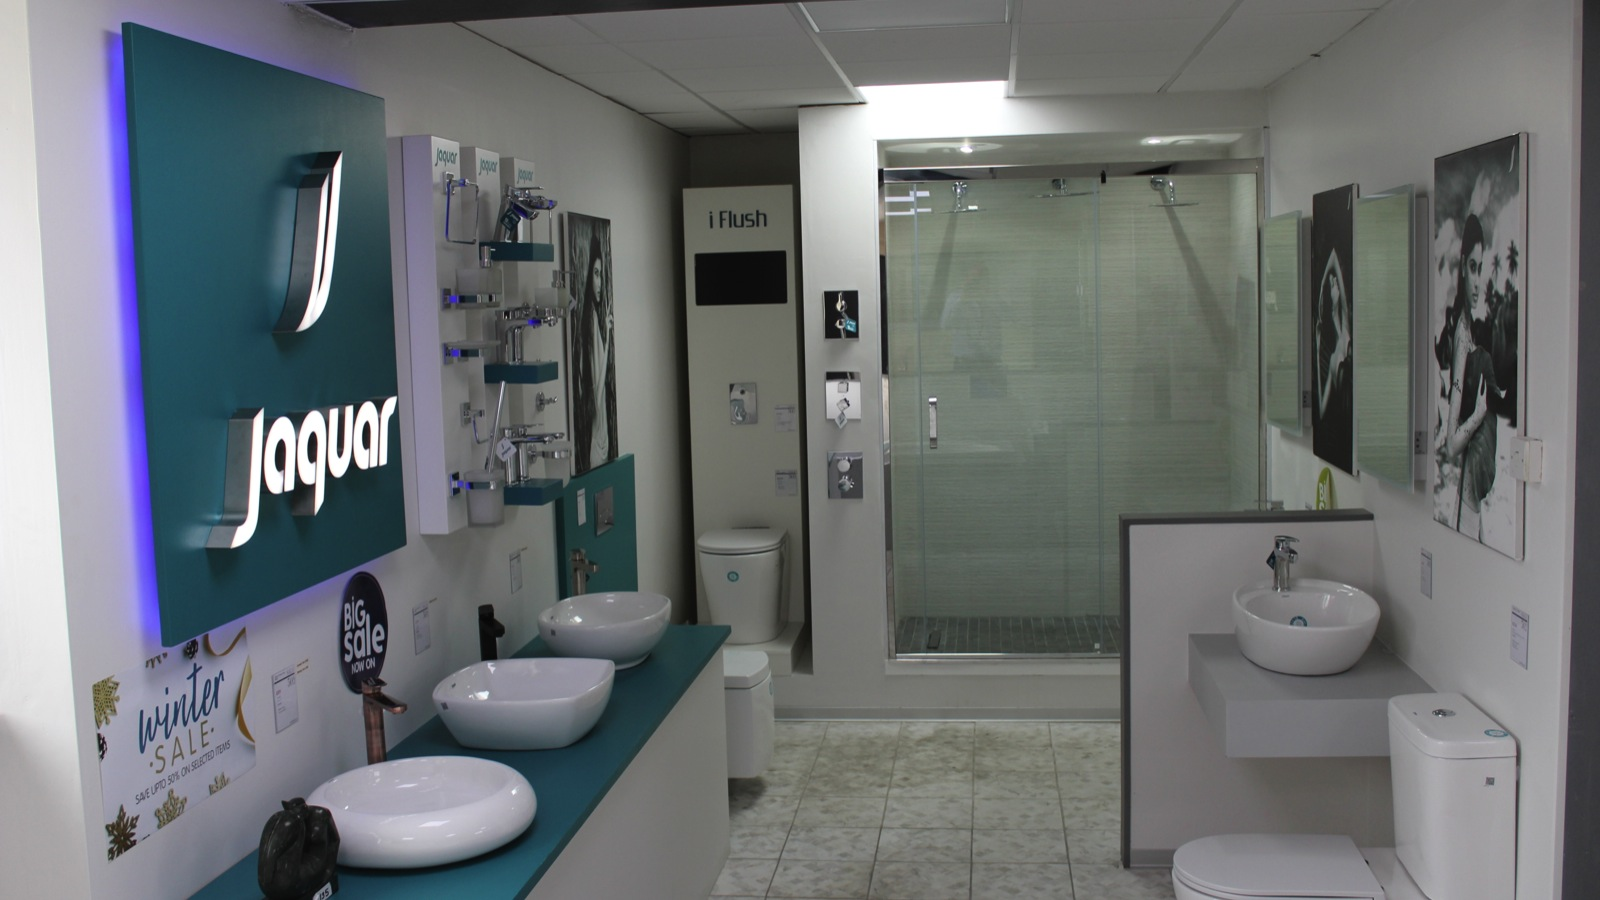 Bathroom City: Capital City 2